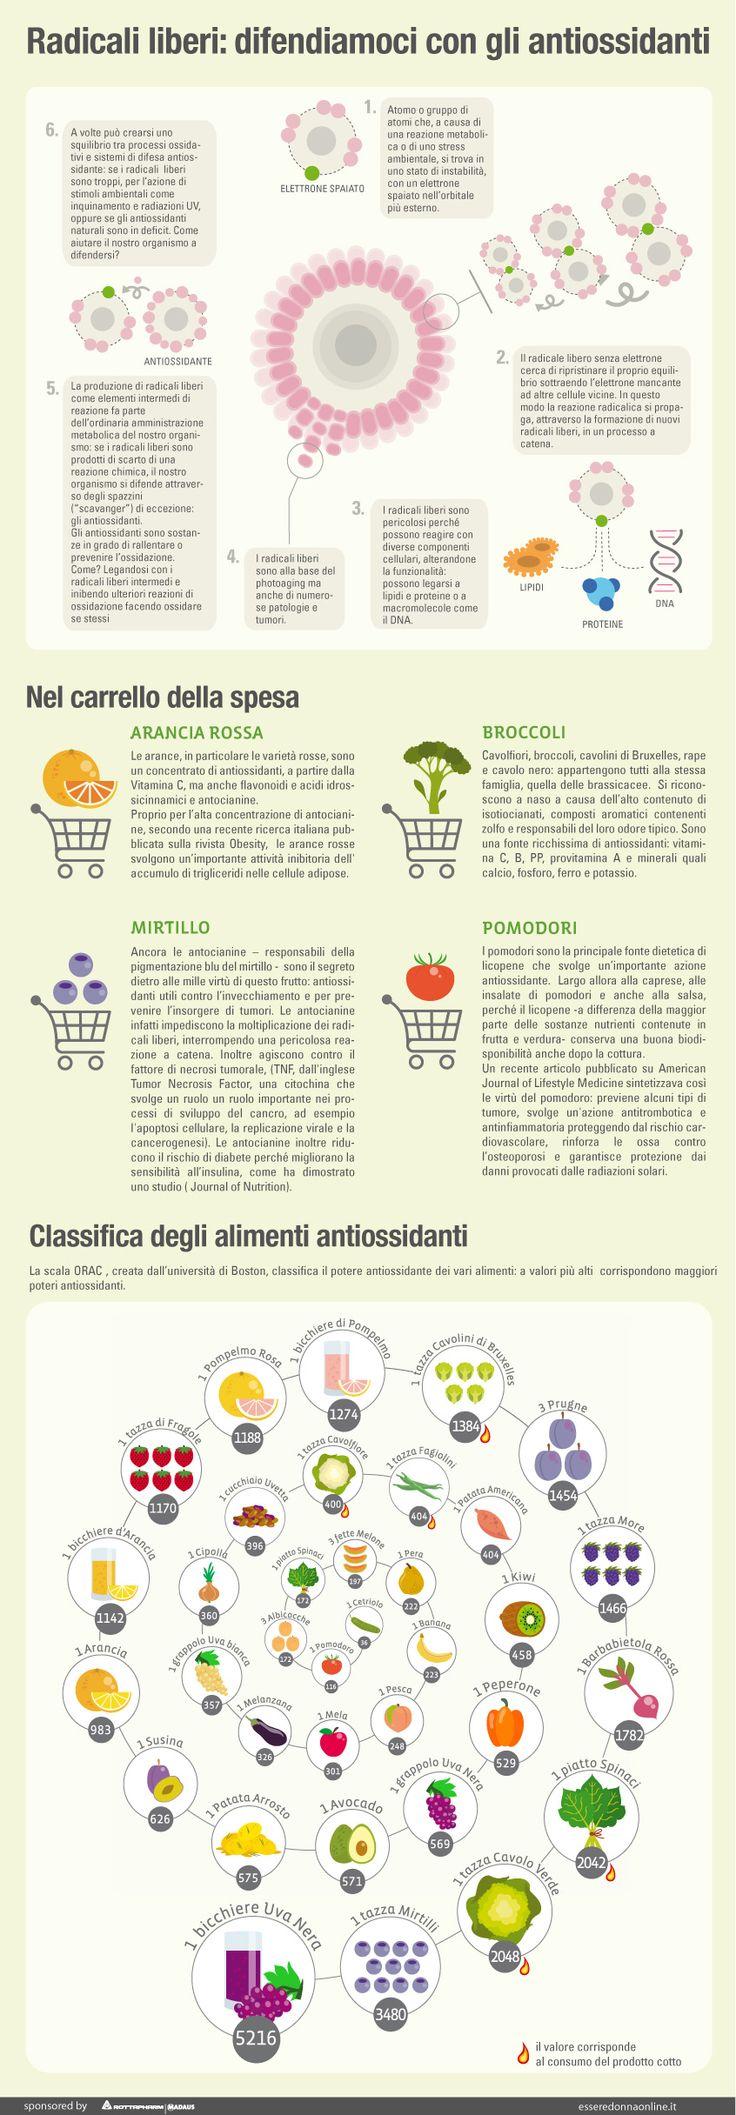 Radicali liberi: difendiamoci con gli antiossidanti